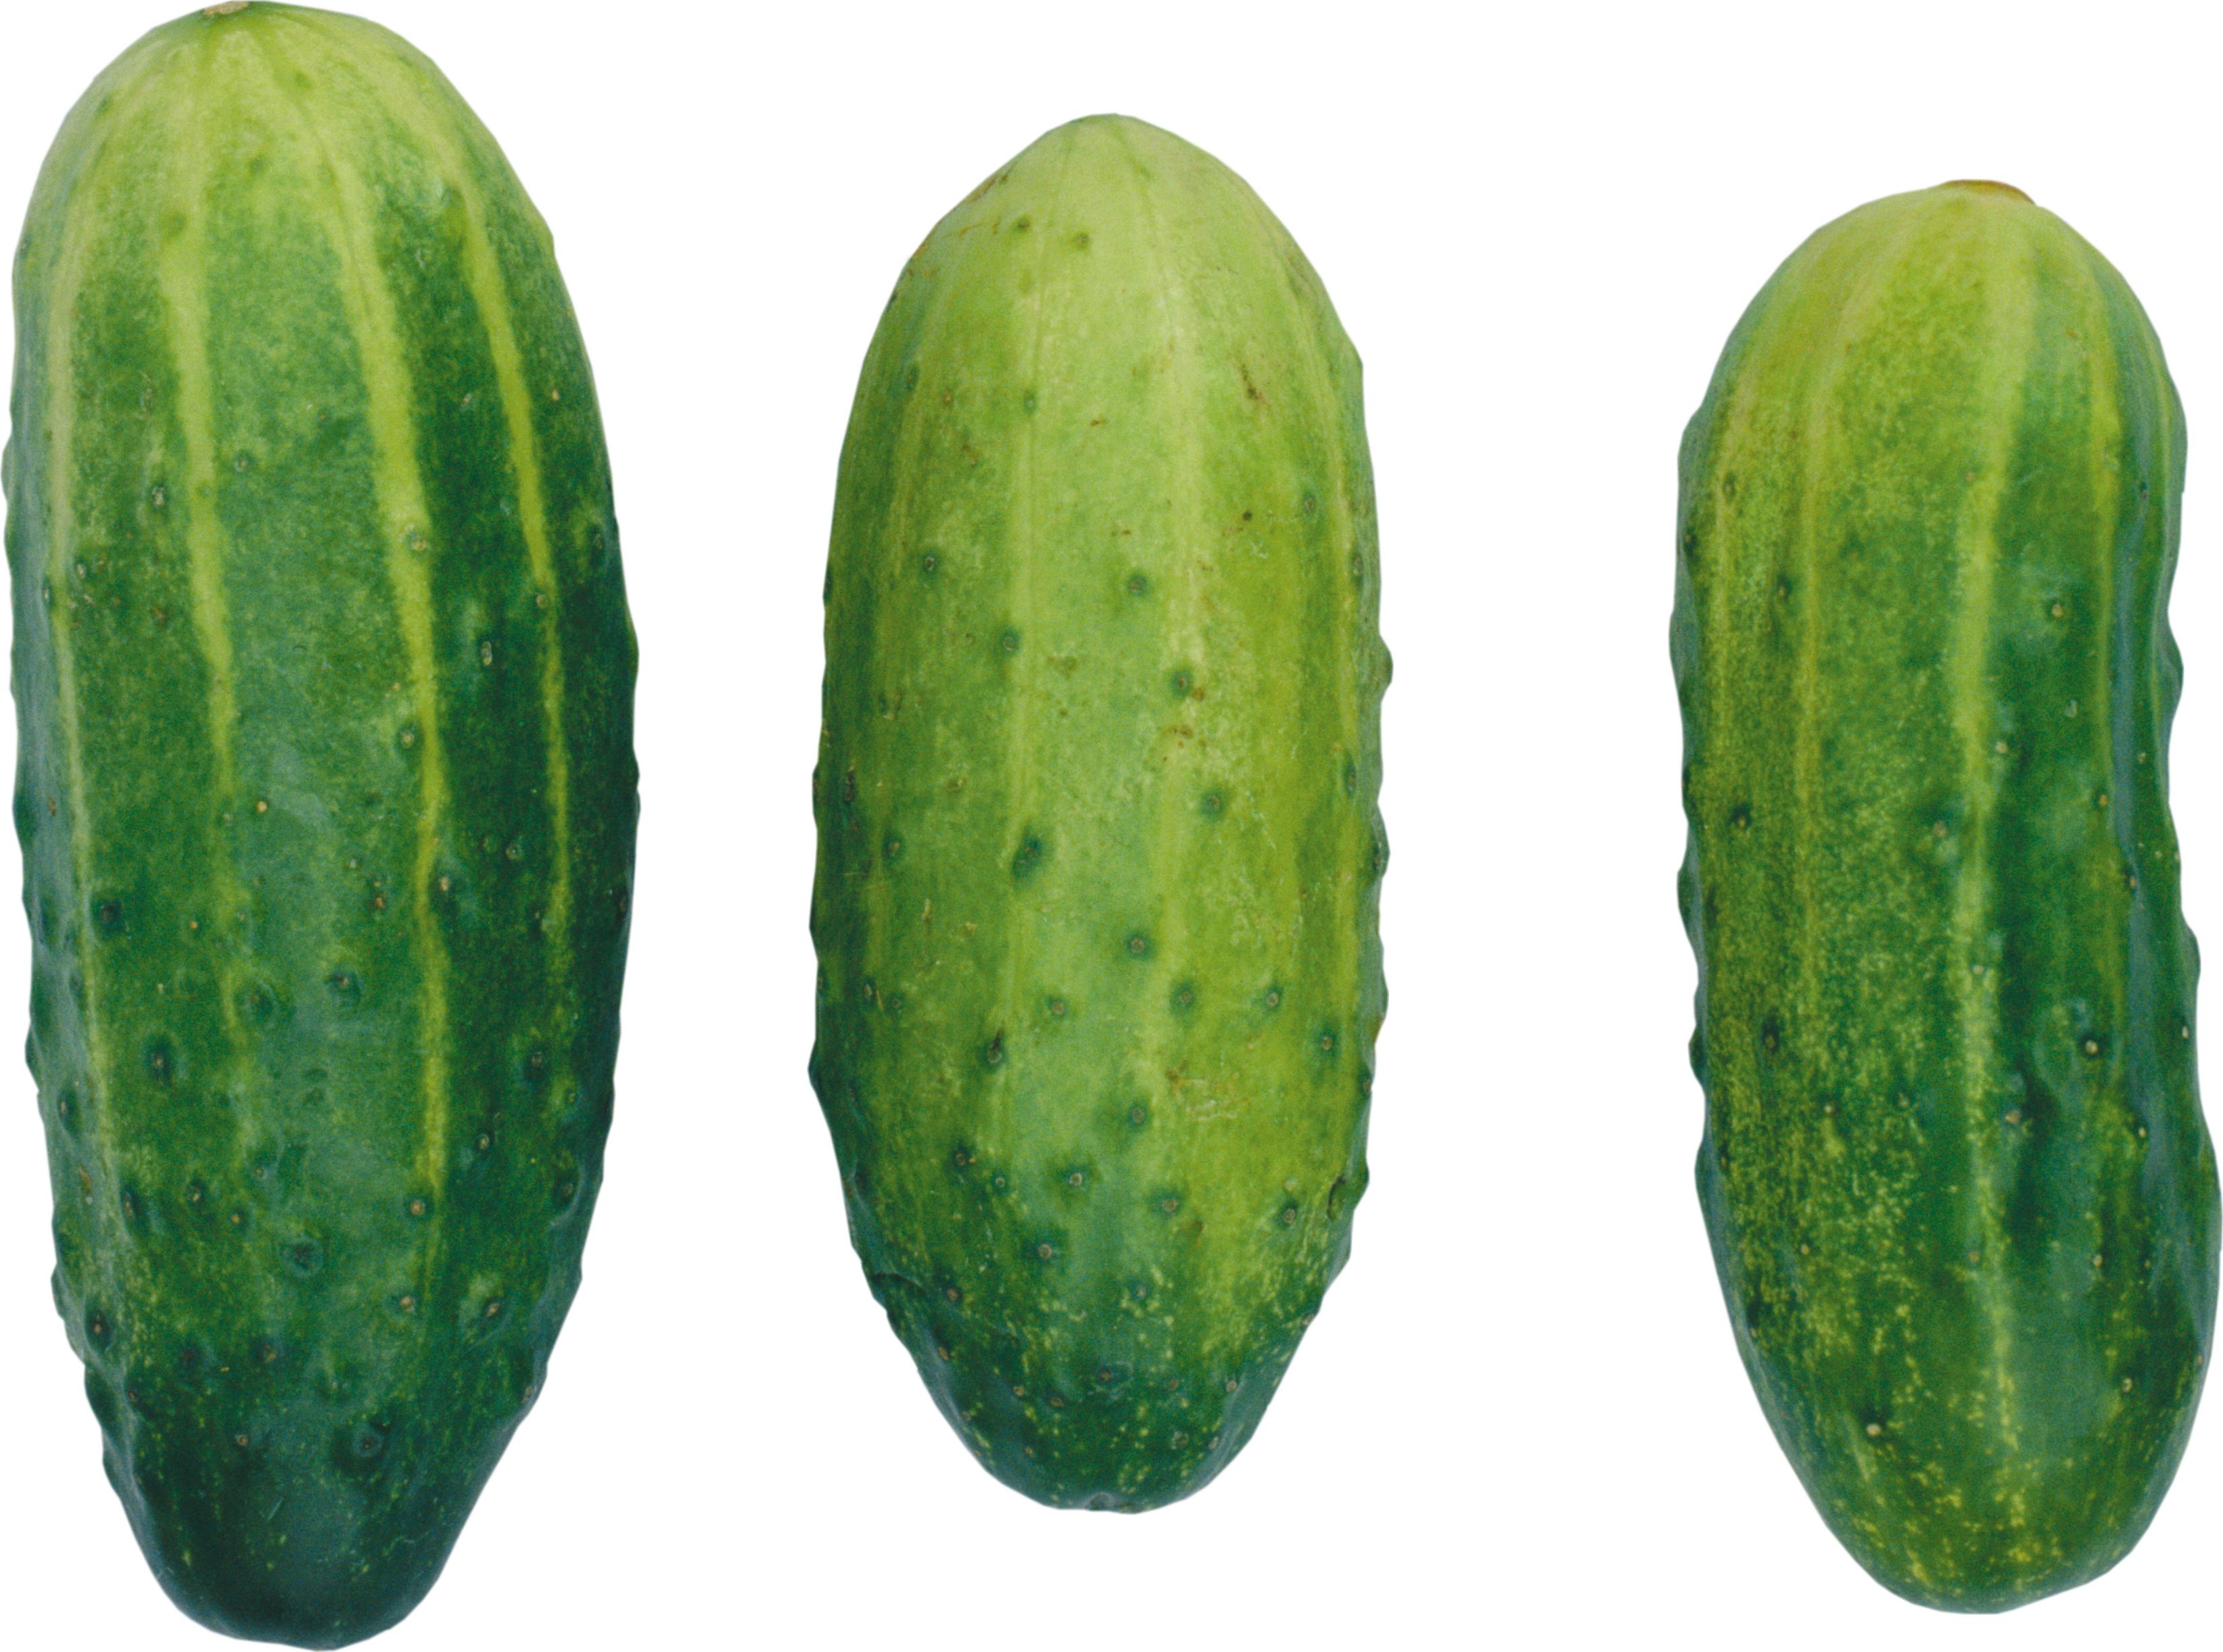 Cucumber PNG - 18785